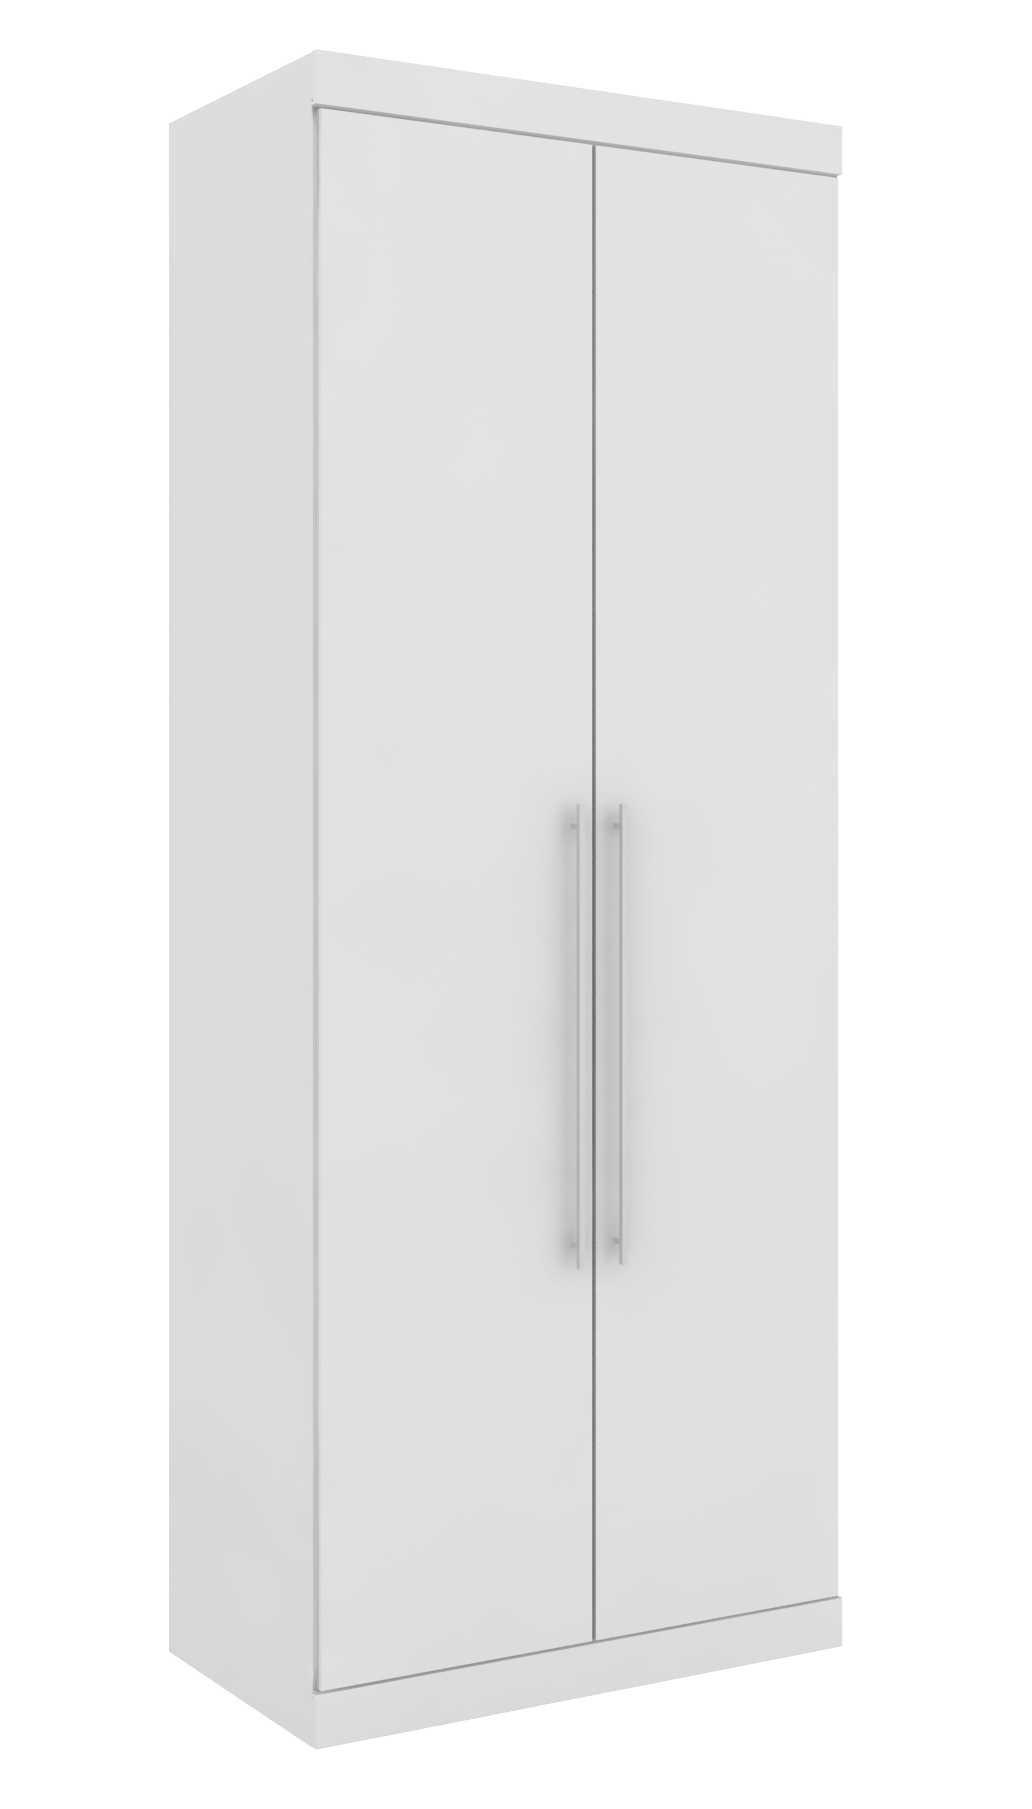 Armário Modulado Supreme 2 Portas 89cm Prateleiras  Branco Fosco e Branco Madeirado Robel Móveis